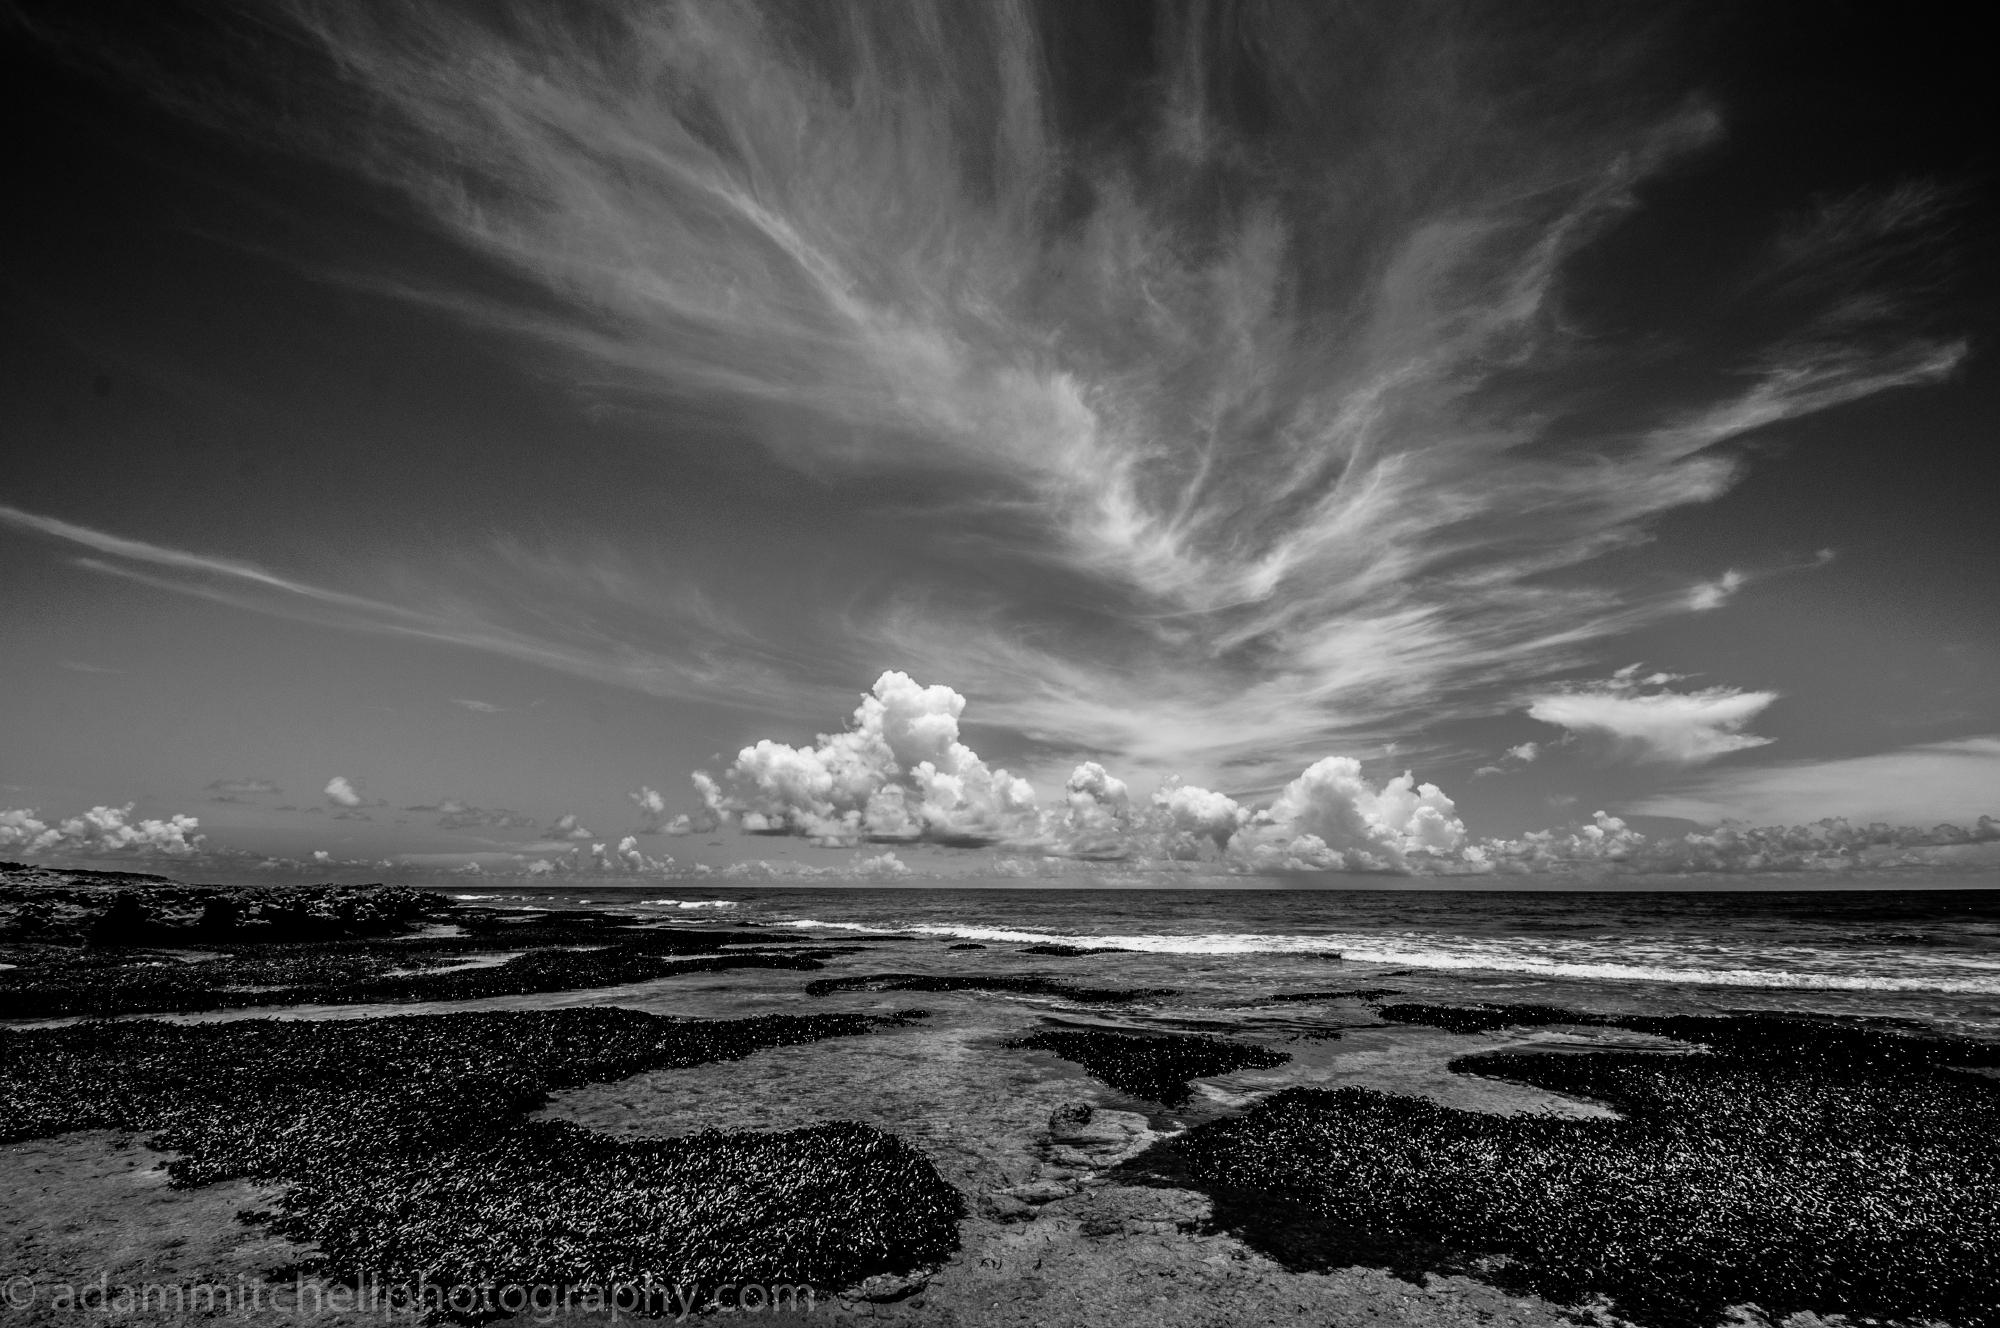 Cinq Cases, Aldabra